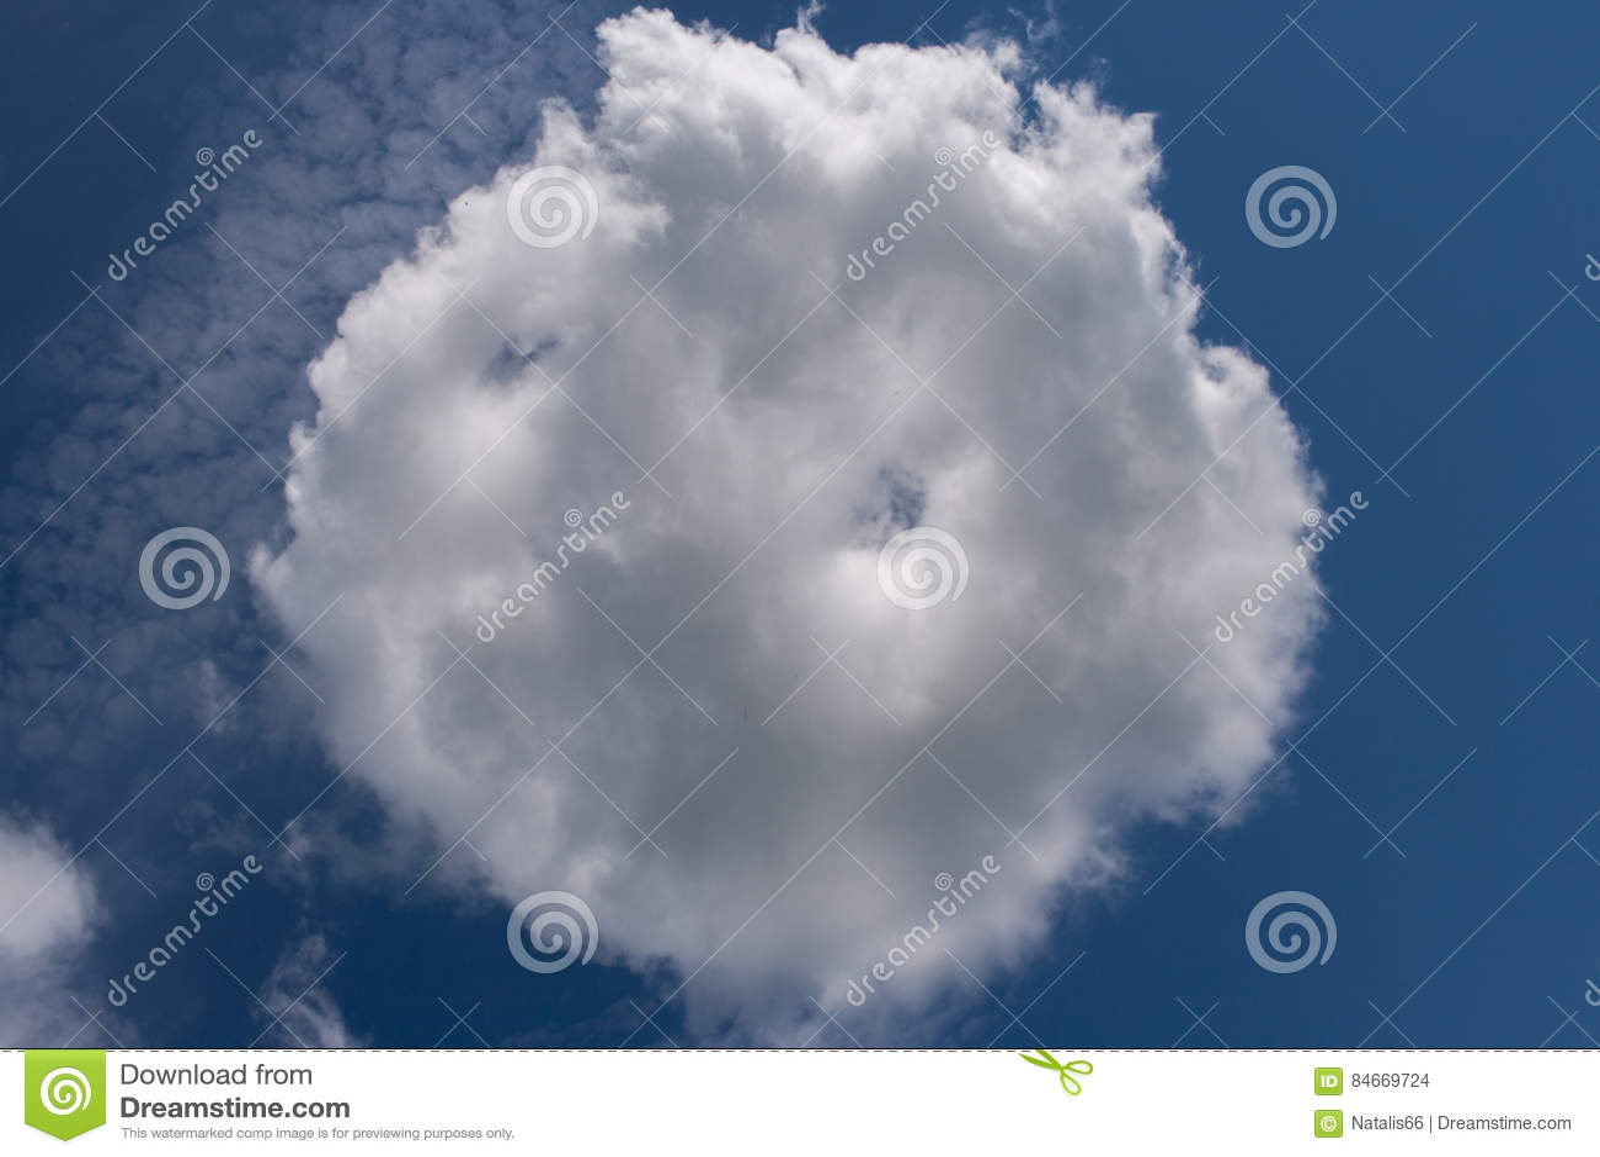 White round cloud, shaped like bun, on blue sky.